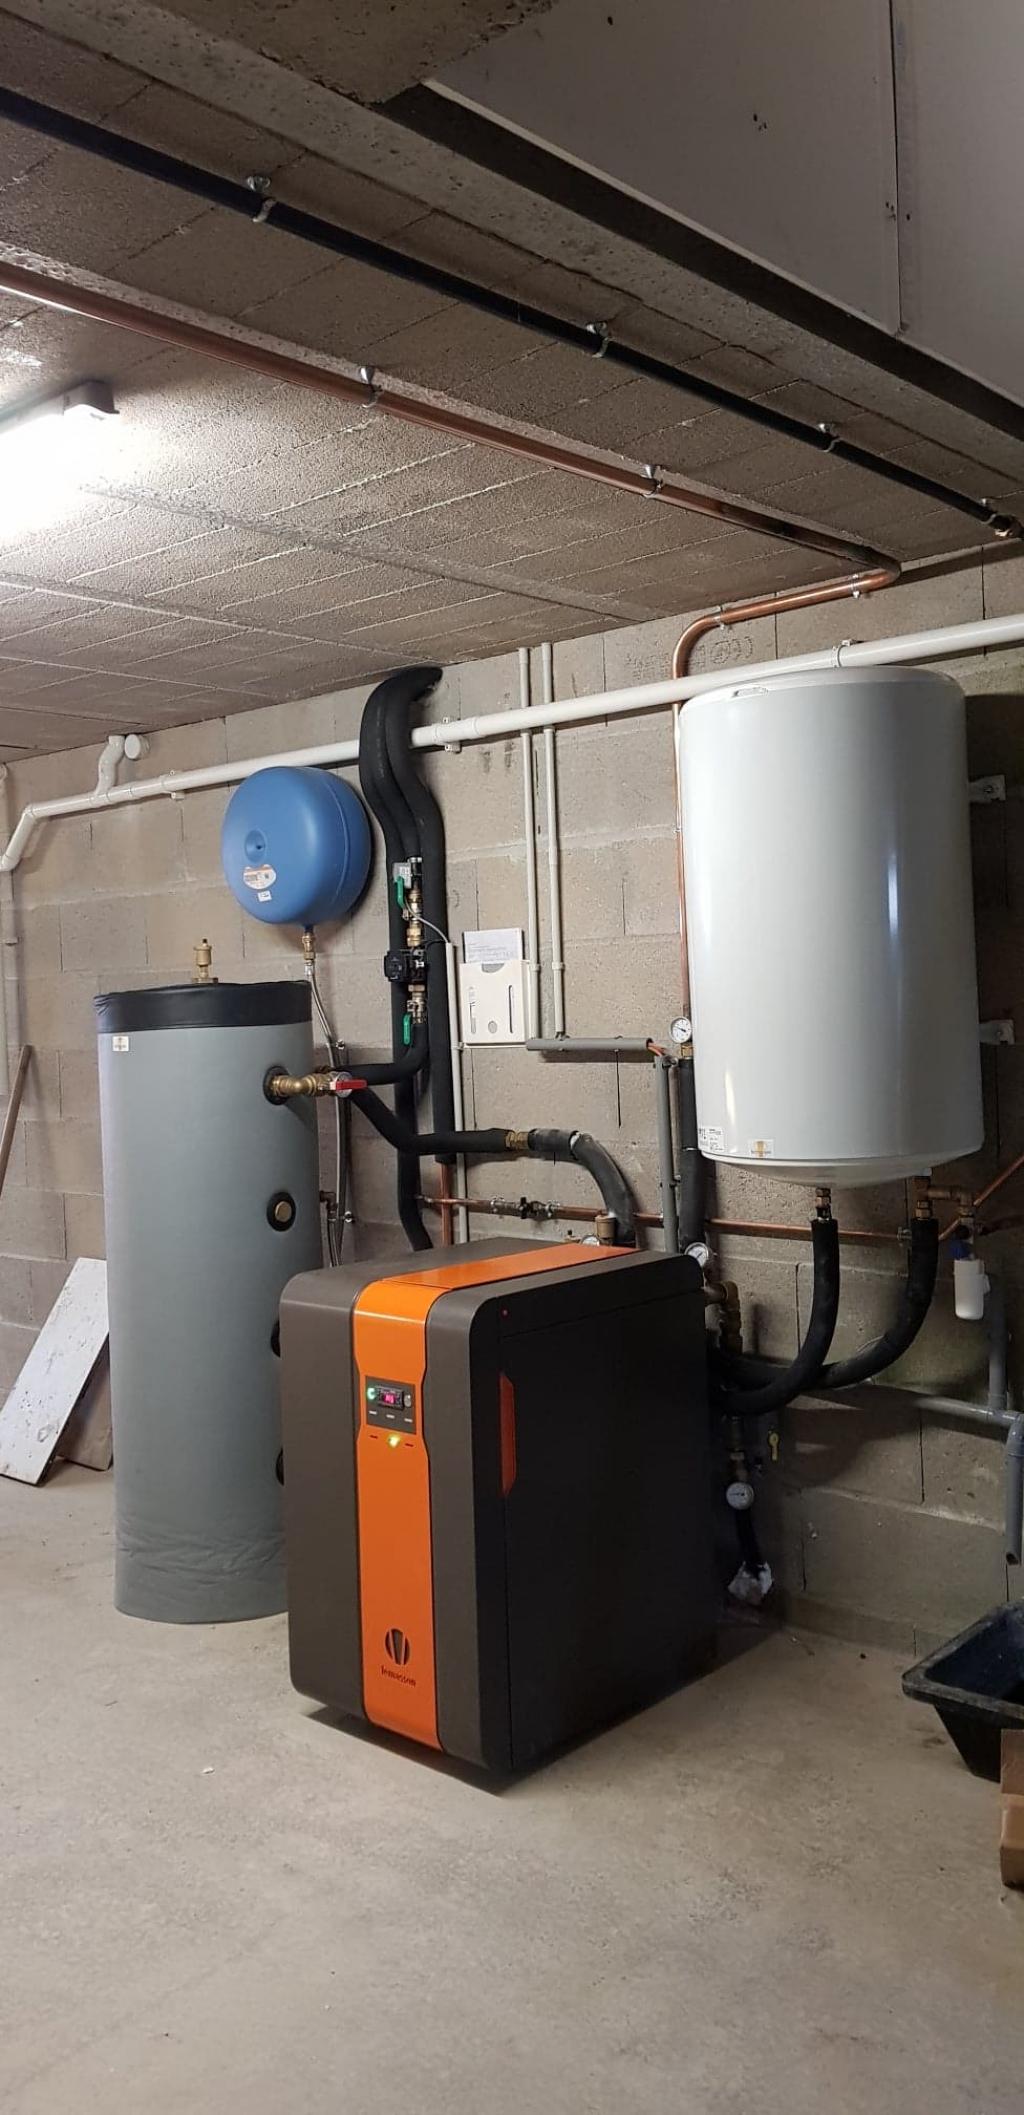 Installation complet d'un système de chauffage de géothermie EAU EAU LEMASSON avec plancher chauffant UPONOR